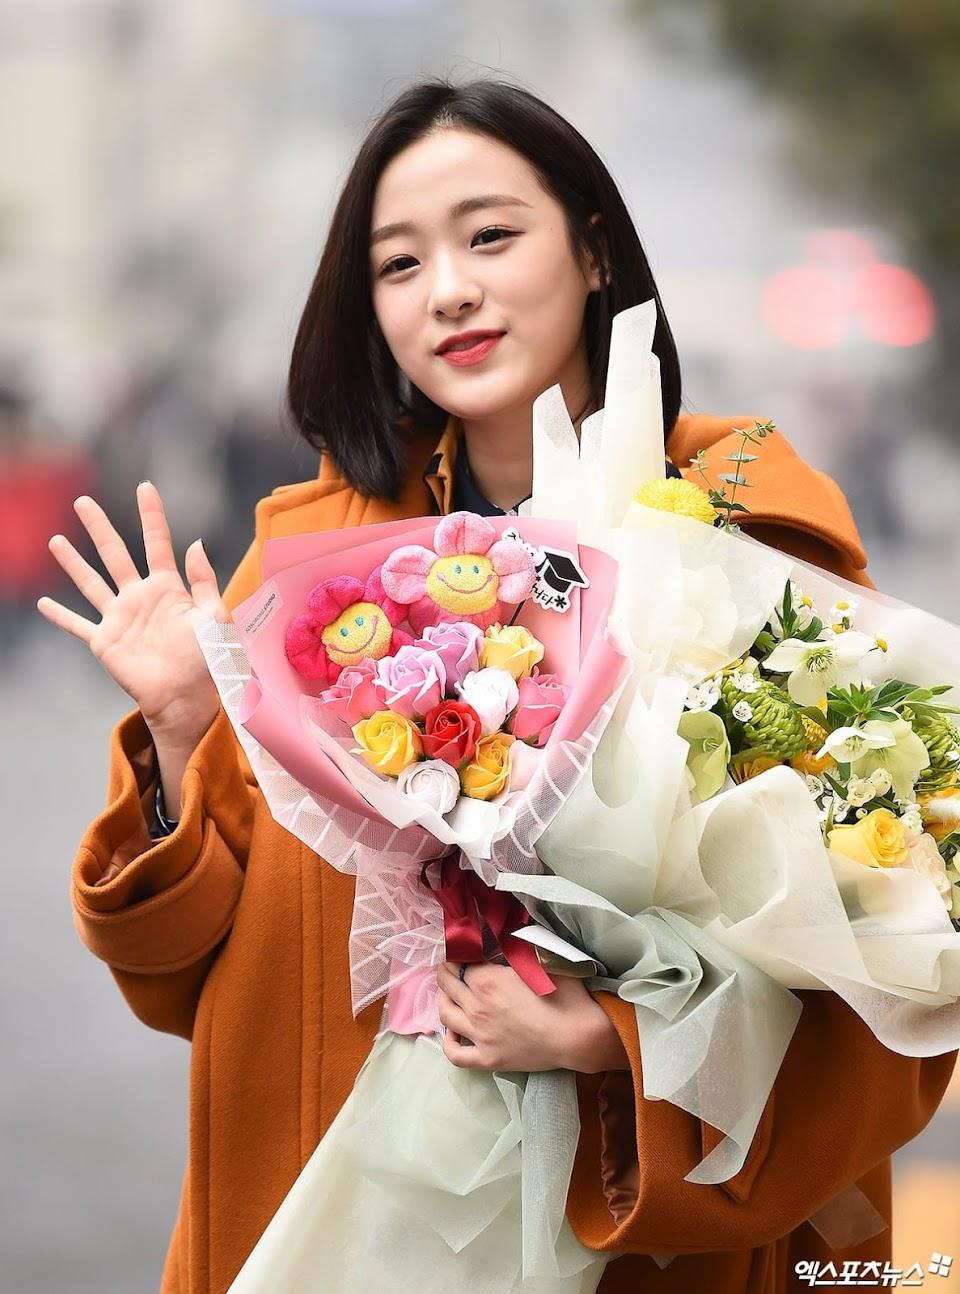 sopagraduation_jinsol_april 2